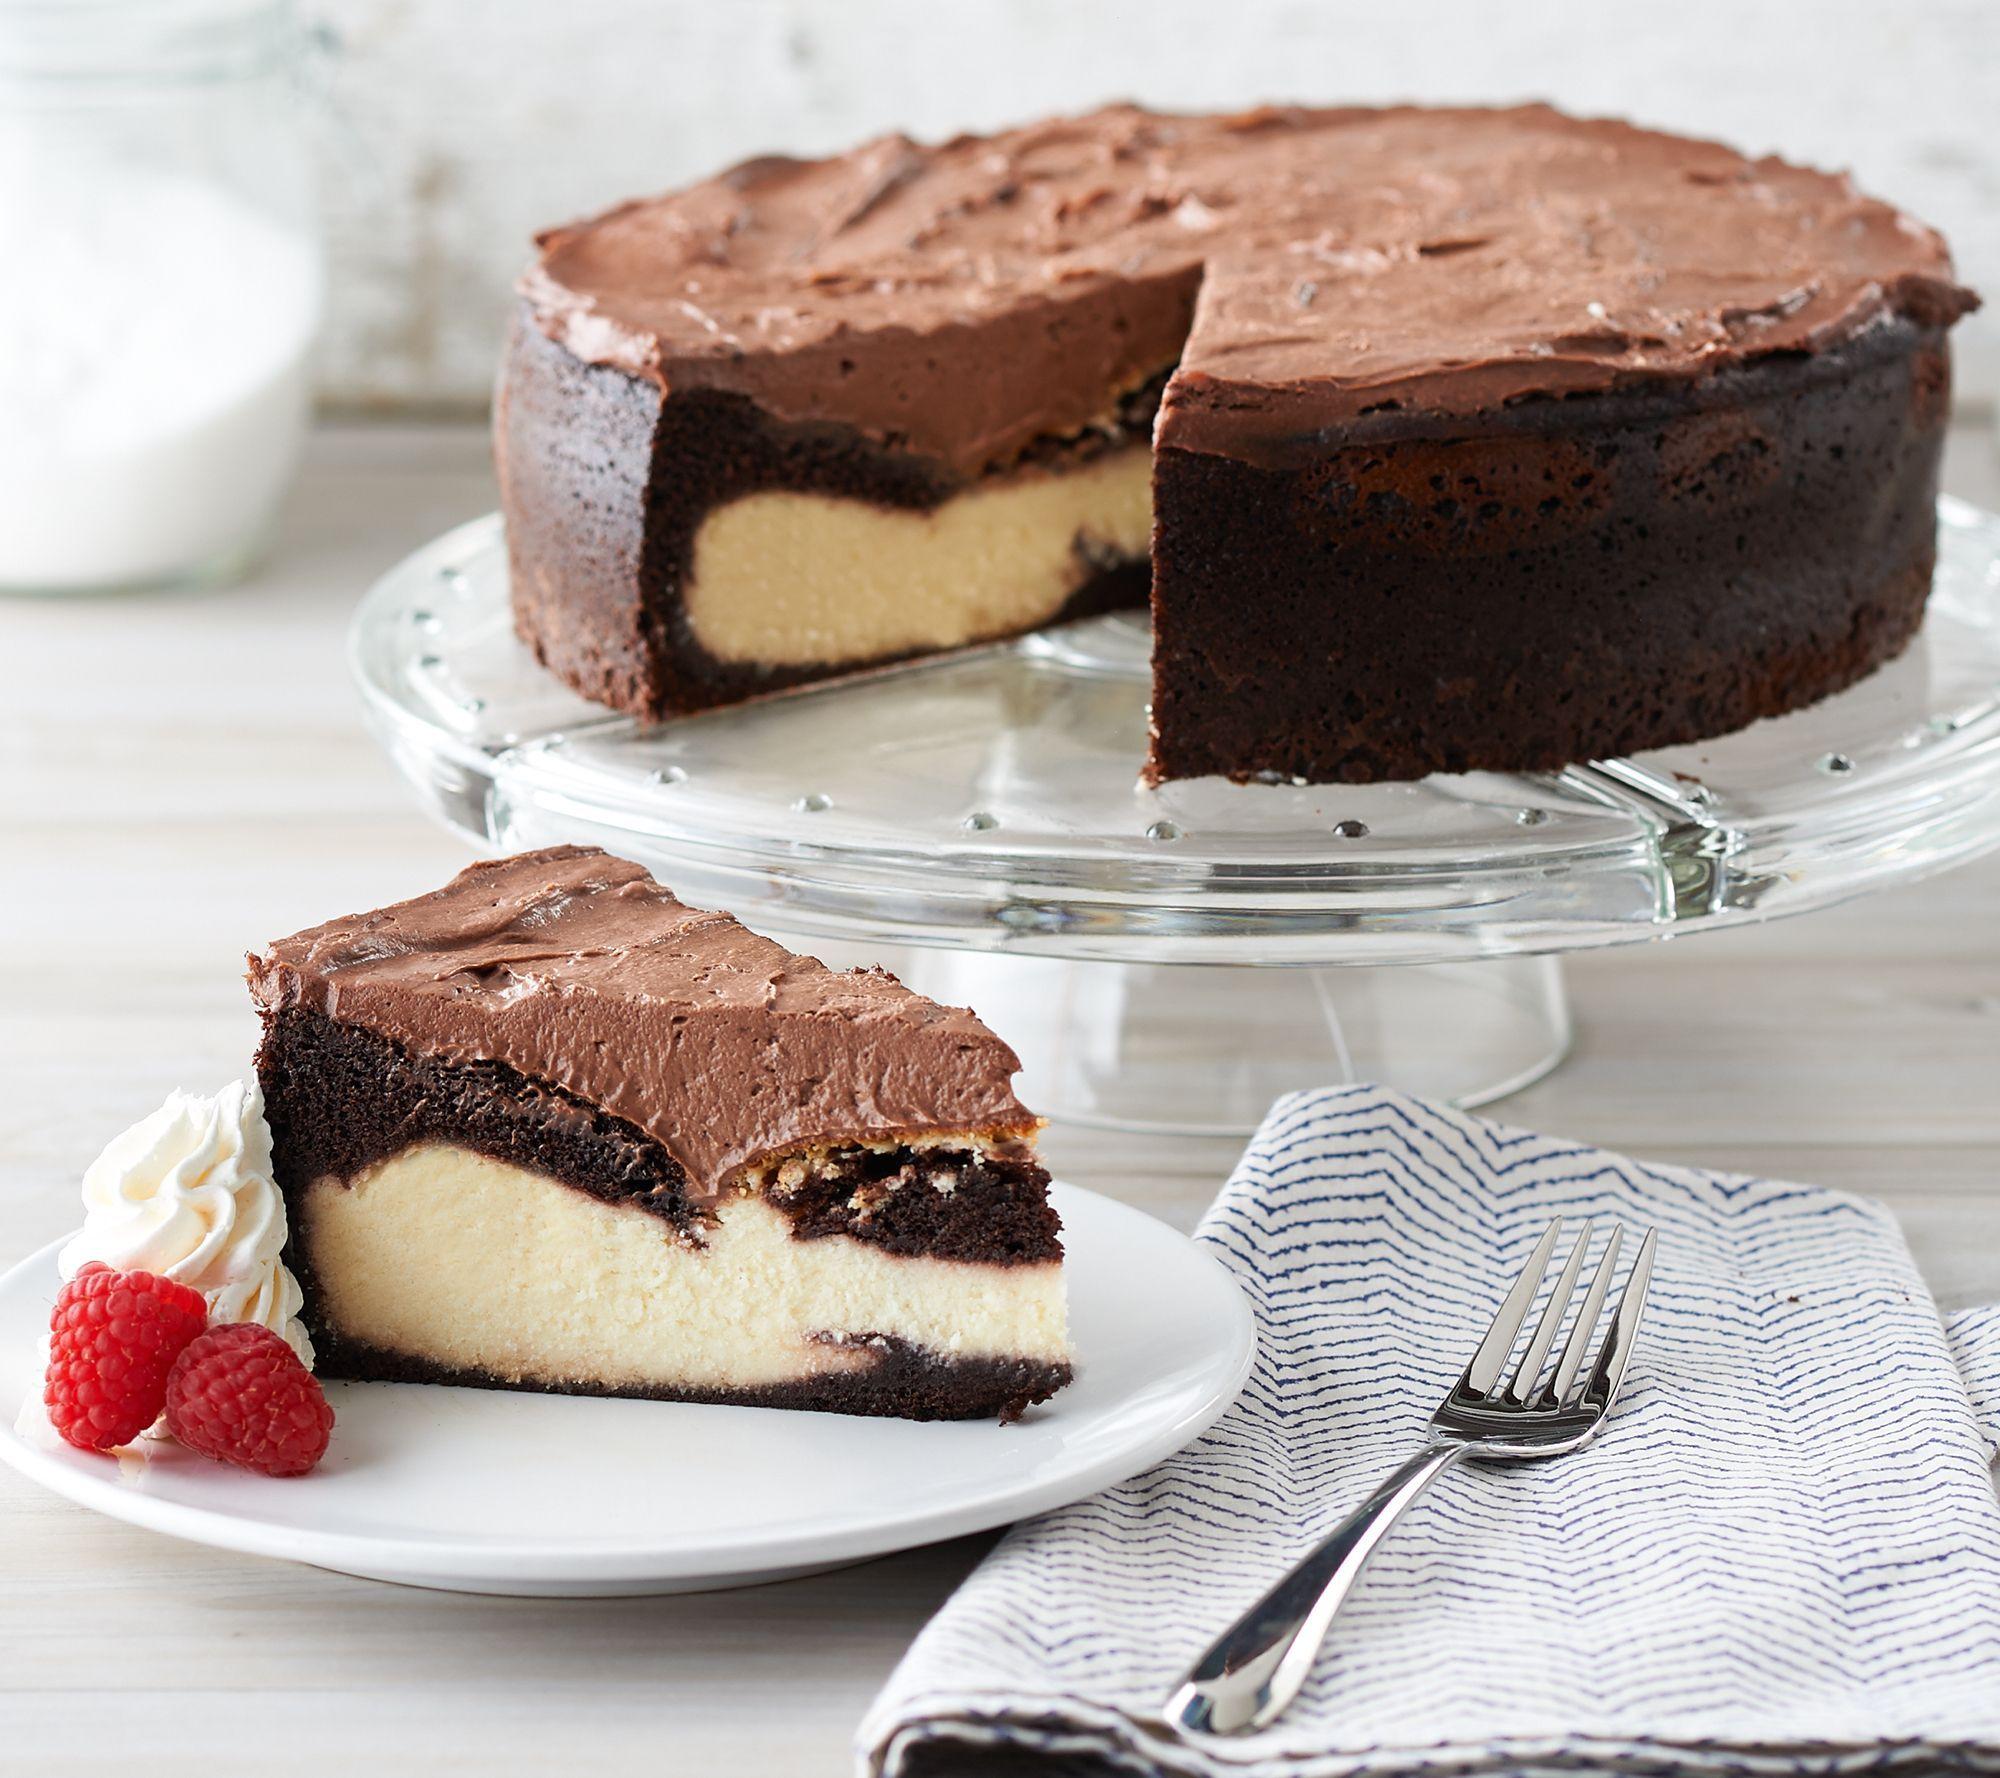 Valerie Bertinelli Very Best 5 5lb Chocolate Love Cake Qvc Com Dessert Recipes Love Cake Valerie Bertinelli